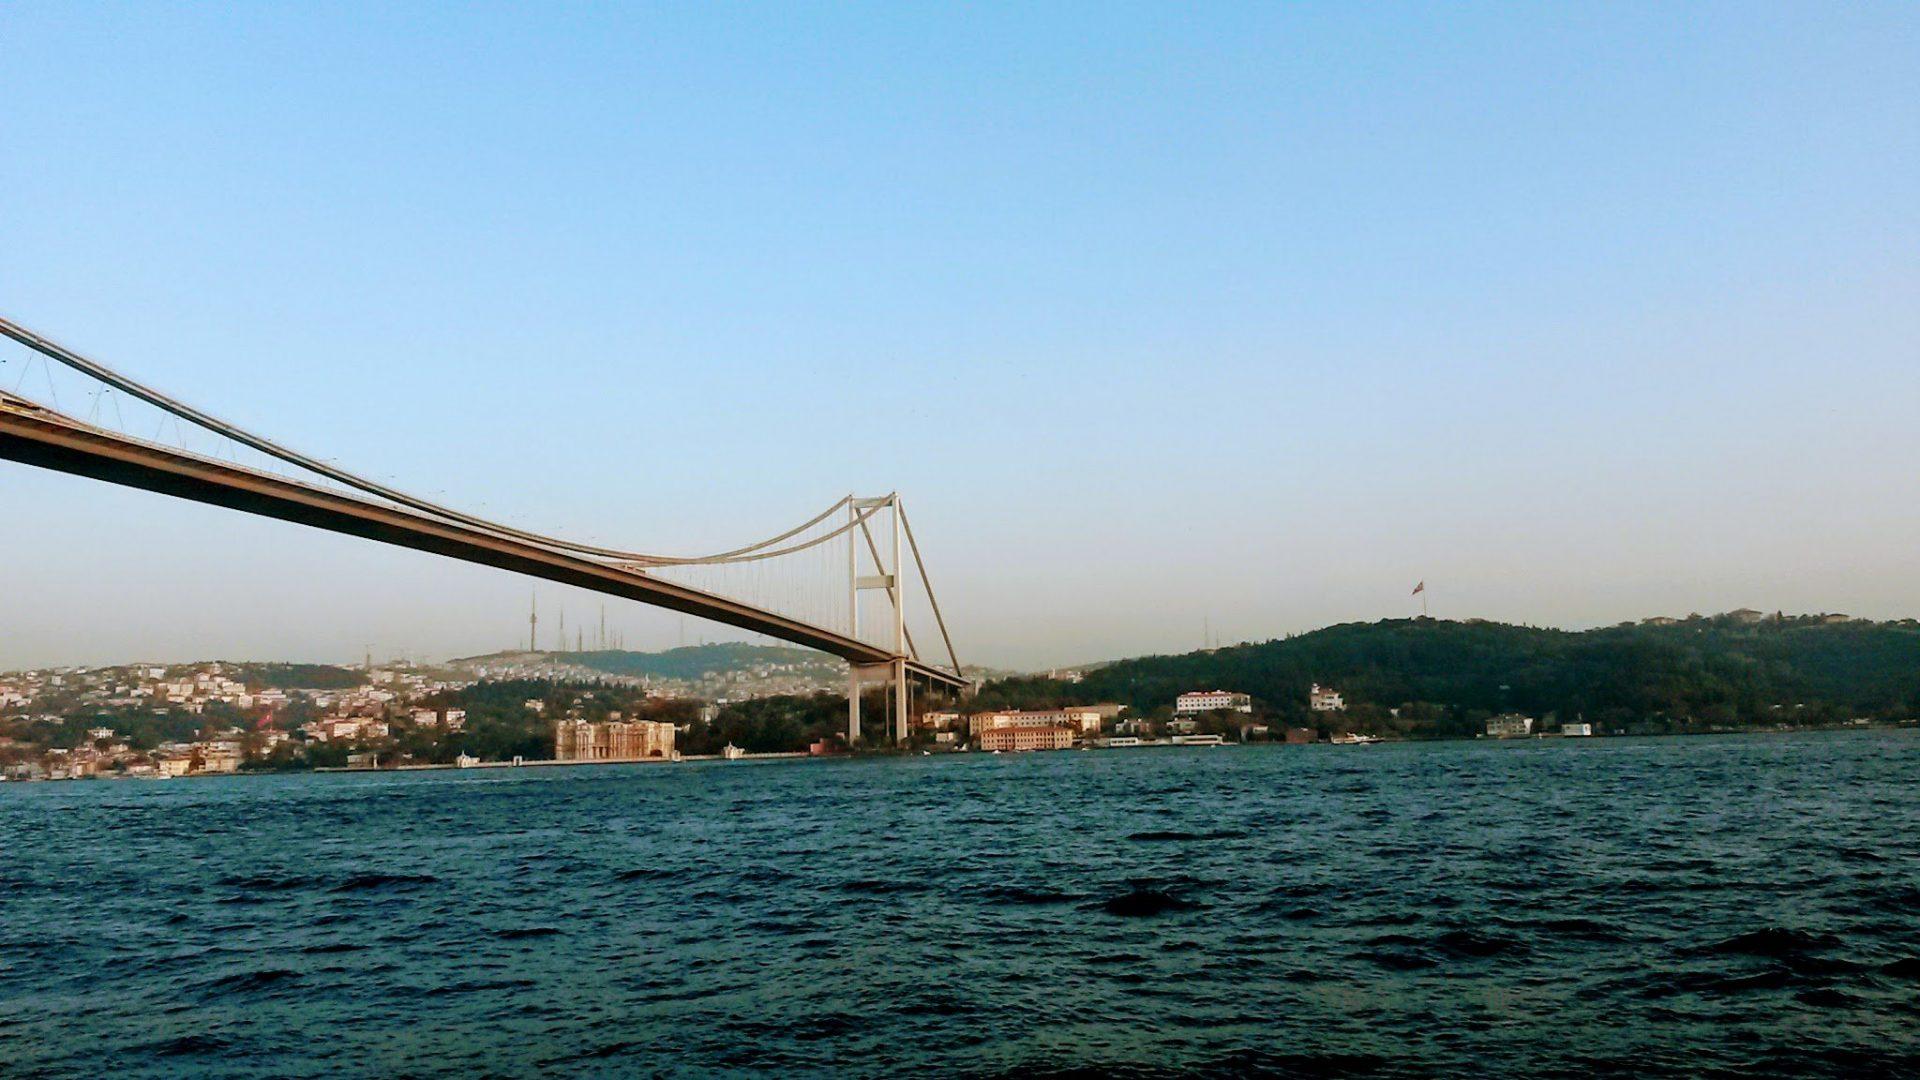 Мост Мучеников 15 Июля, Стамбул, Турция. Сентябрь, 2014